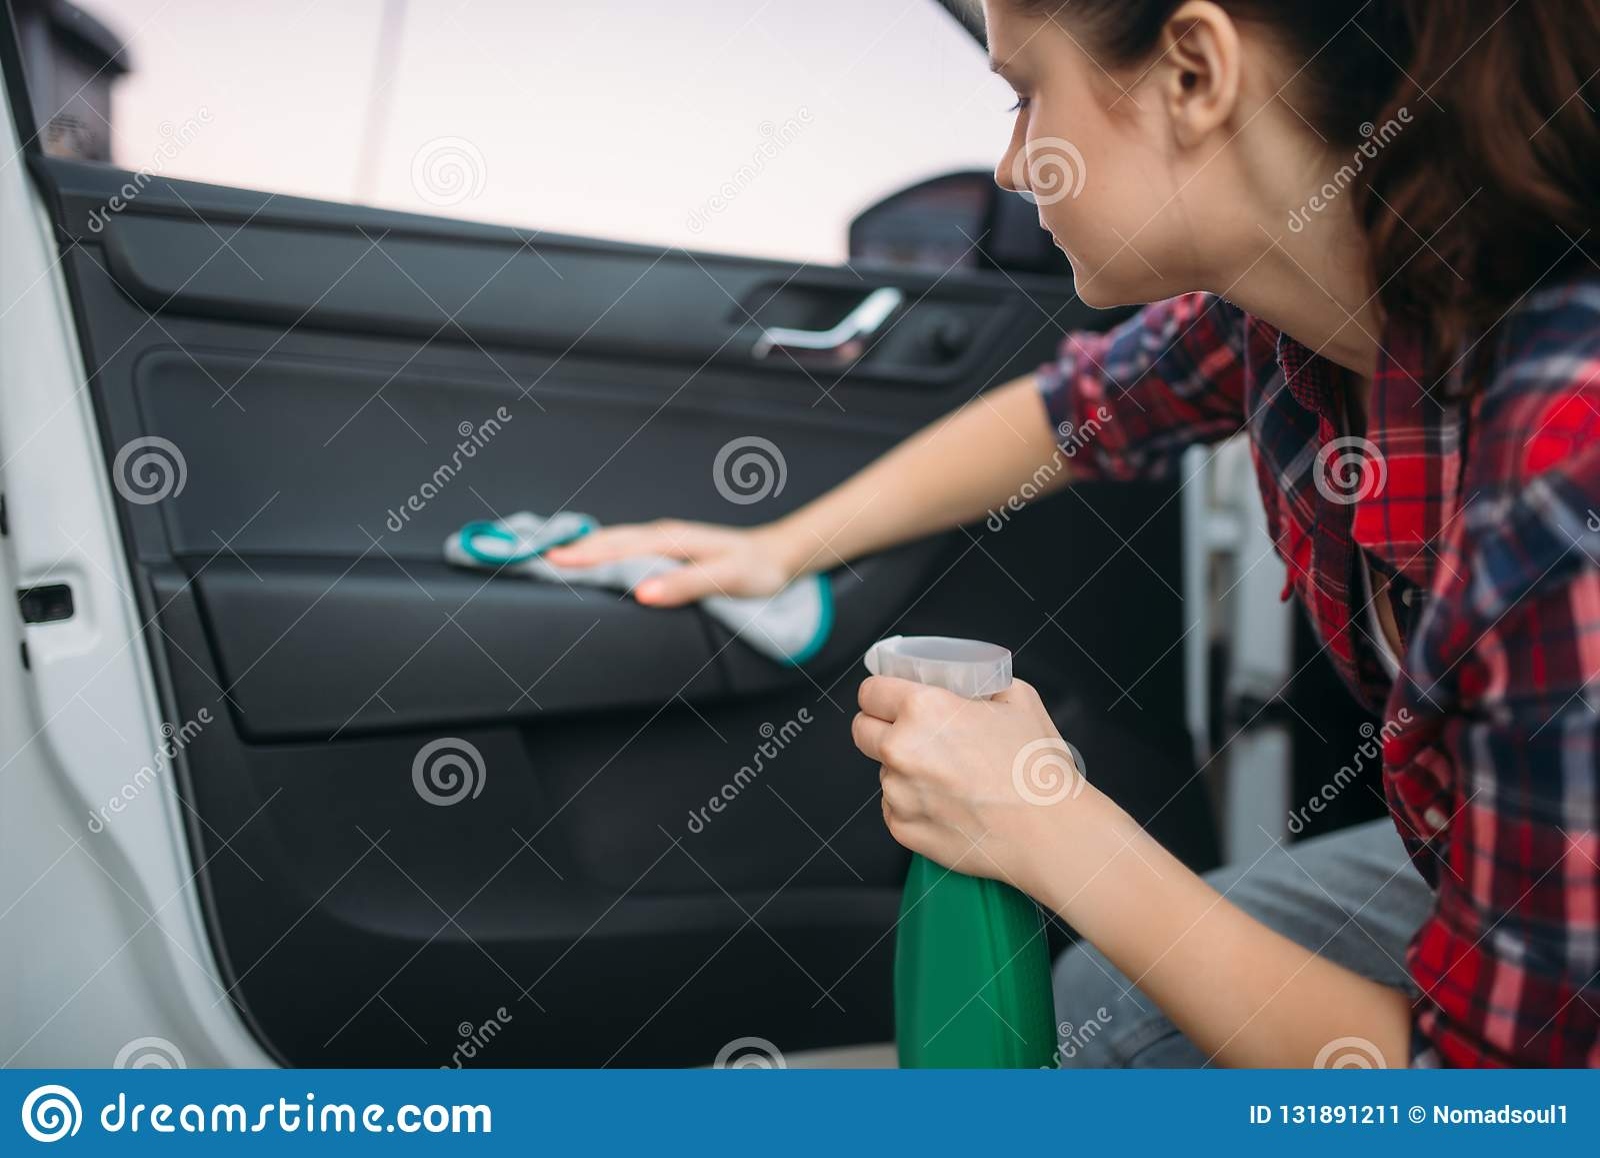 Nass Reinigung des Innenraums des Autos auf Autowäschen